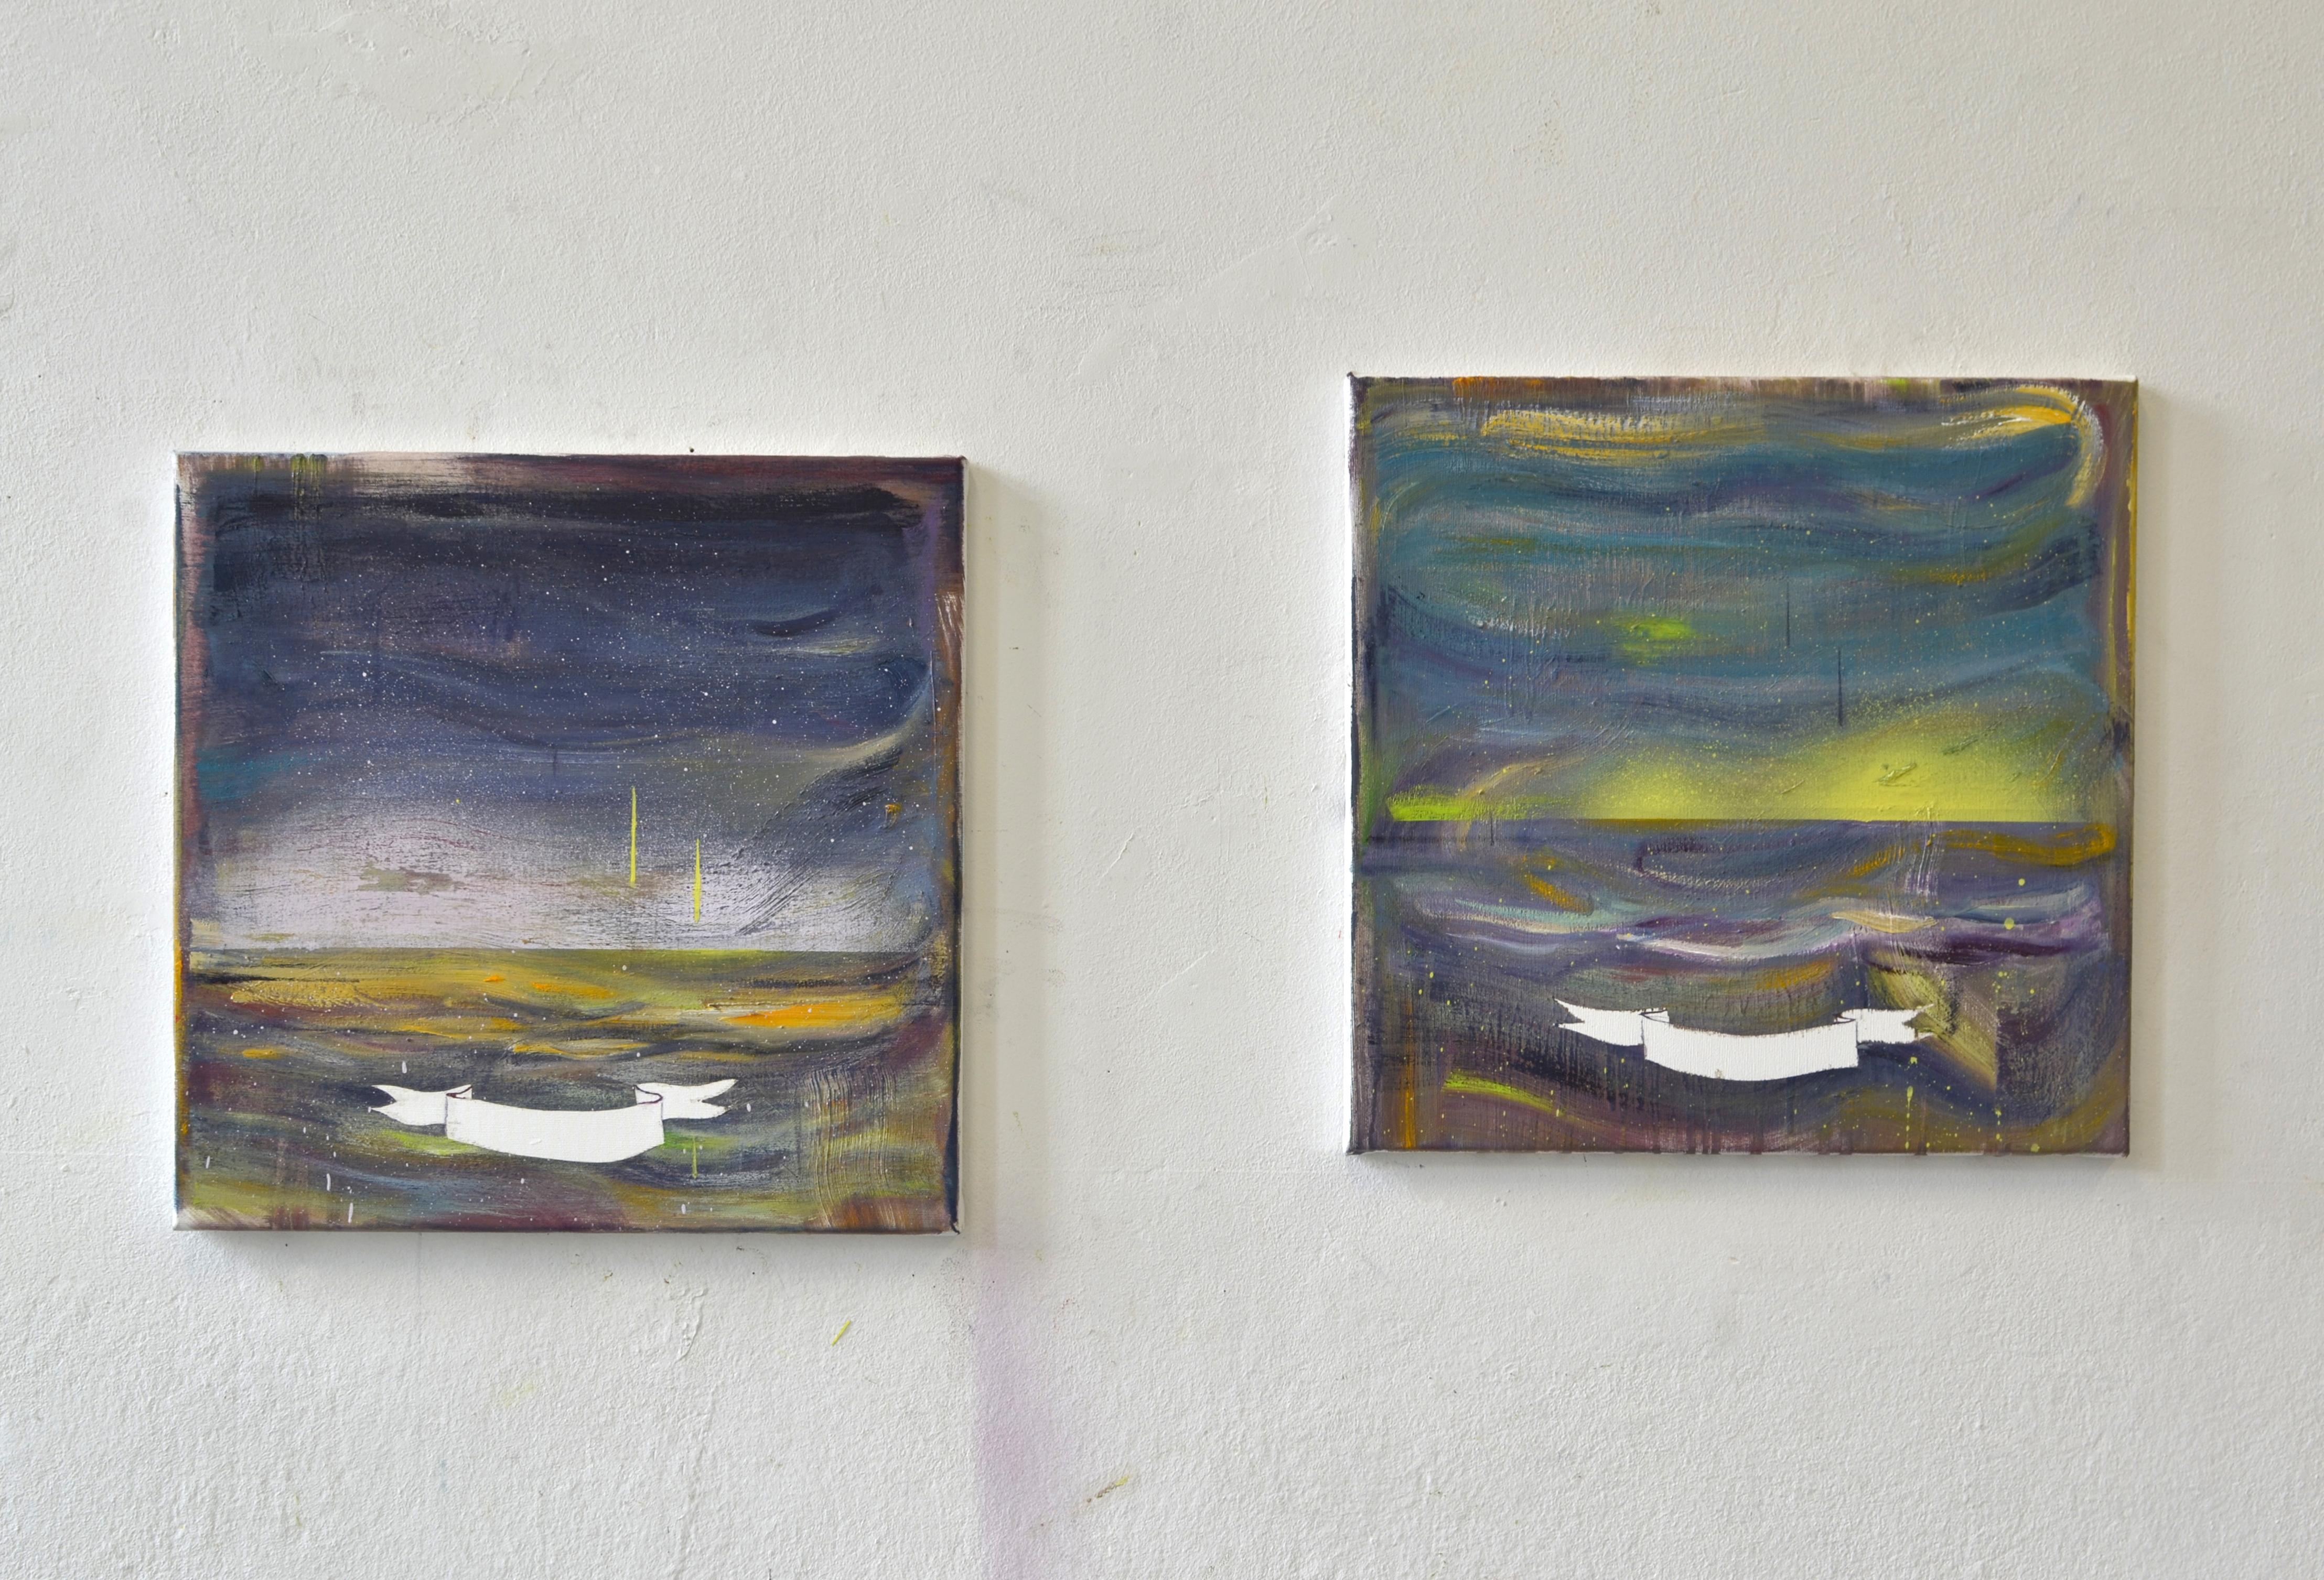 Etude I & Etude II | oil on canvas | each 50 x 50 cm | 2016